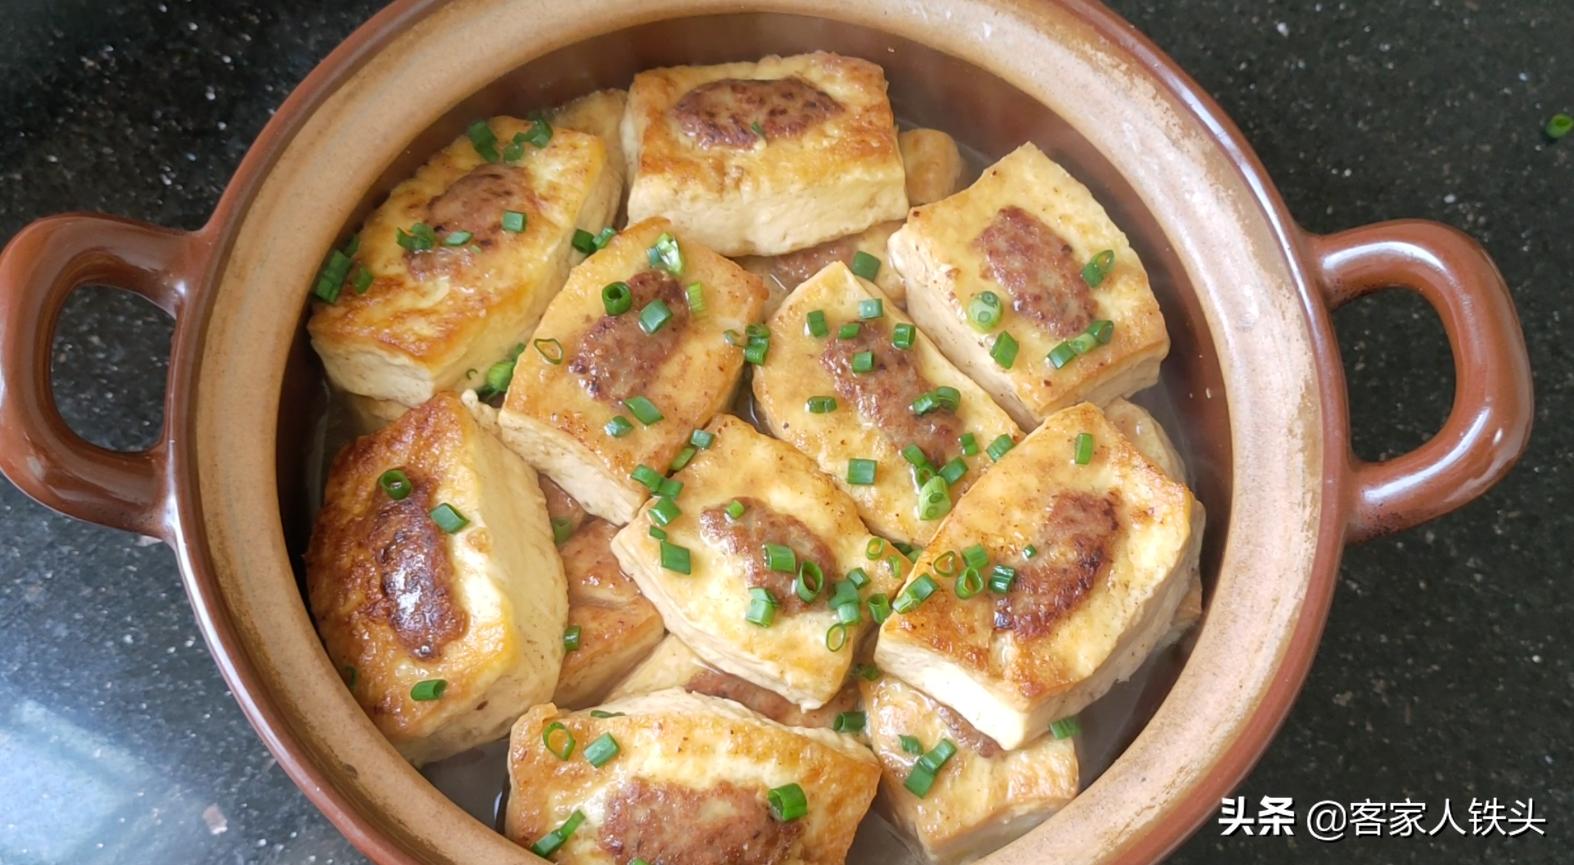 新年待客,少不了一锅客家酿豆腐,教你新吃法,营养好吃又便宜